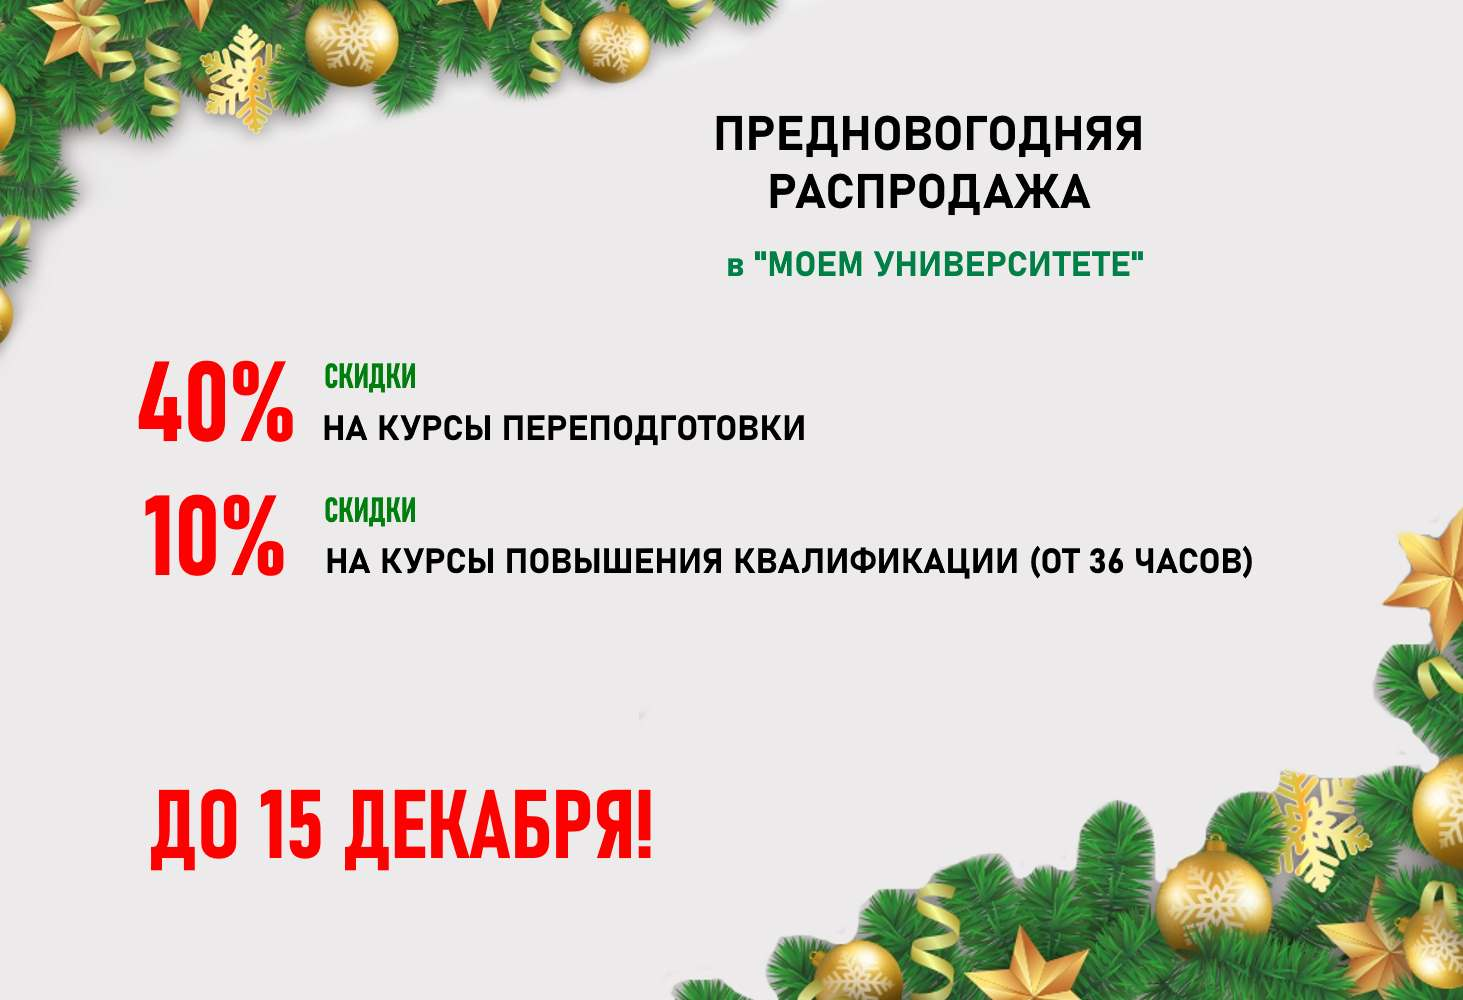 startovala-prednovogodnyaya-rasprodazha-dlya-pedagogov-v-moem-universitete